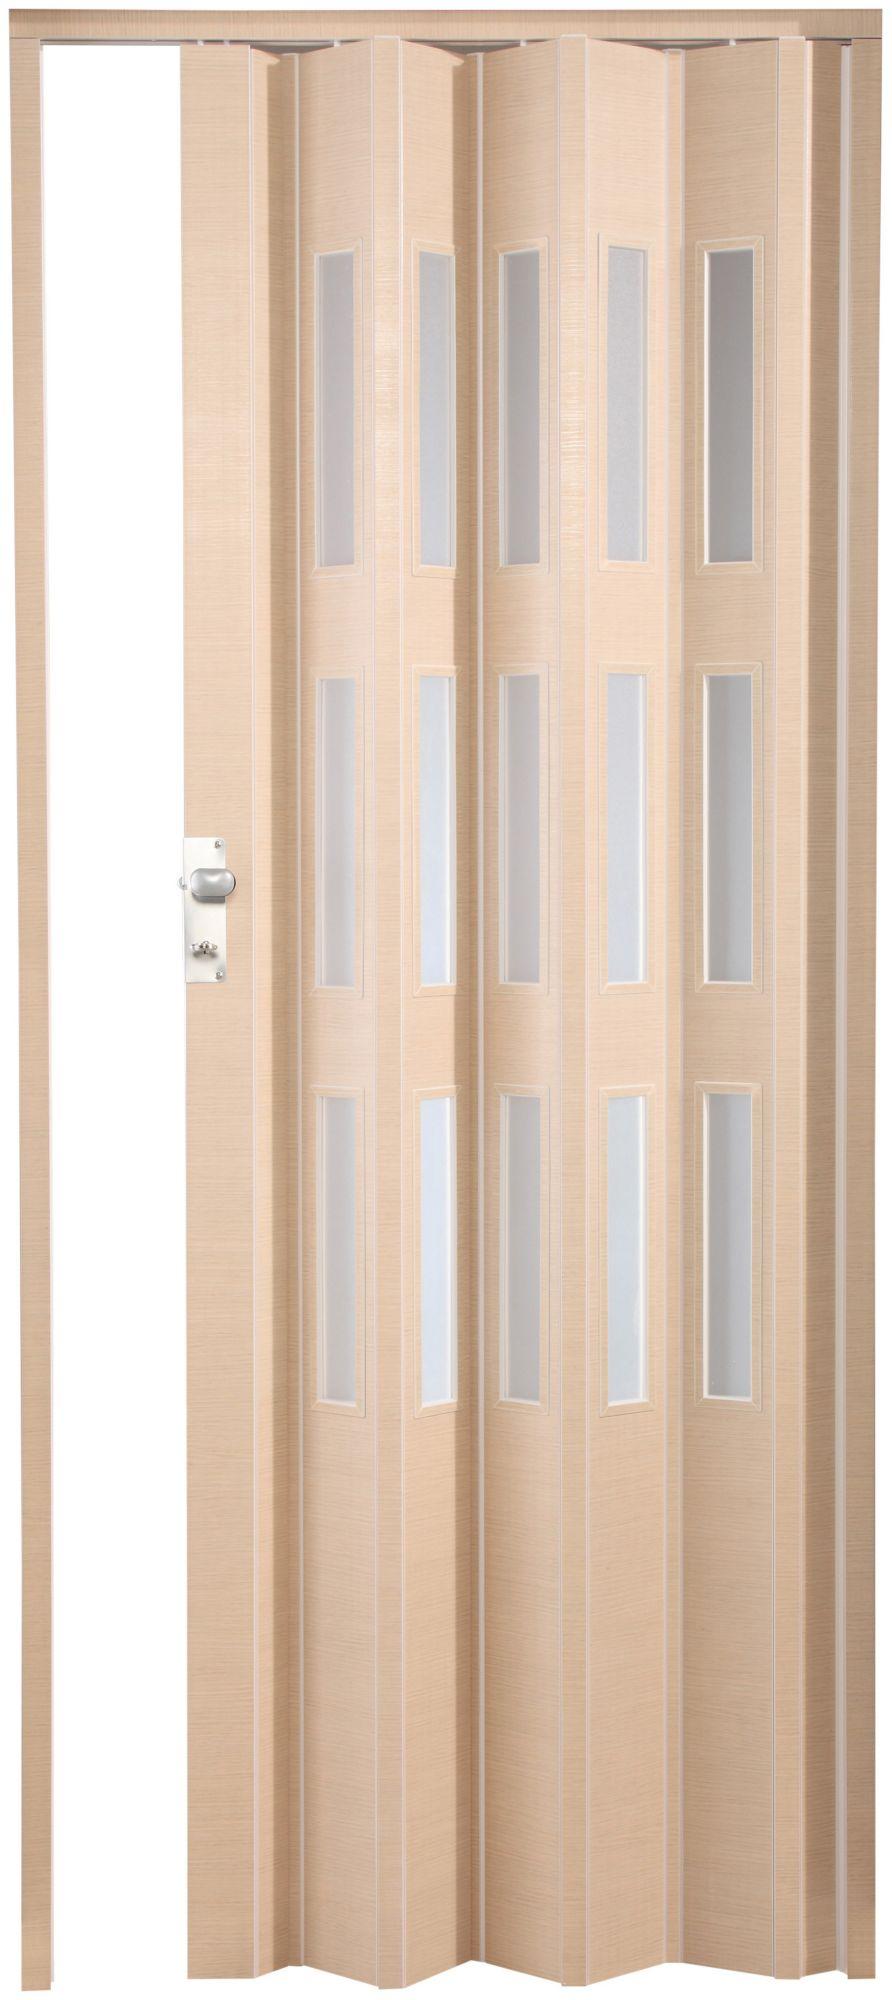 Kunststoff-Falttür »Elvira«, Höhe nach Maß, Wildeiche natur mit satinierten Fenstern